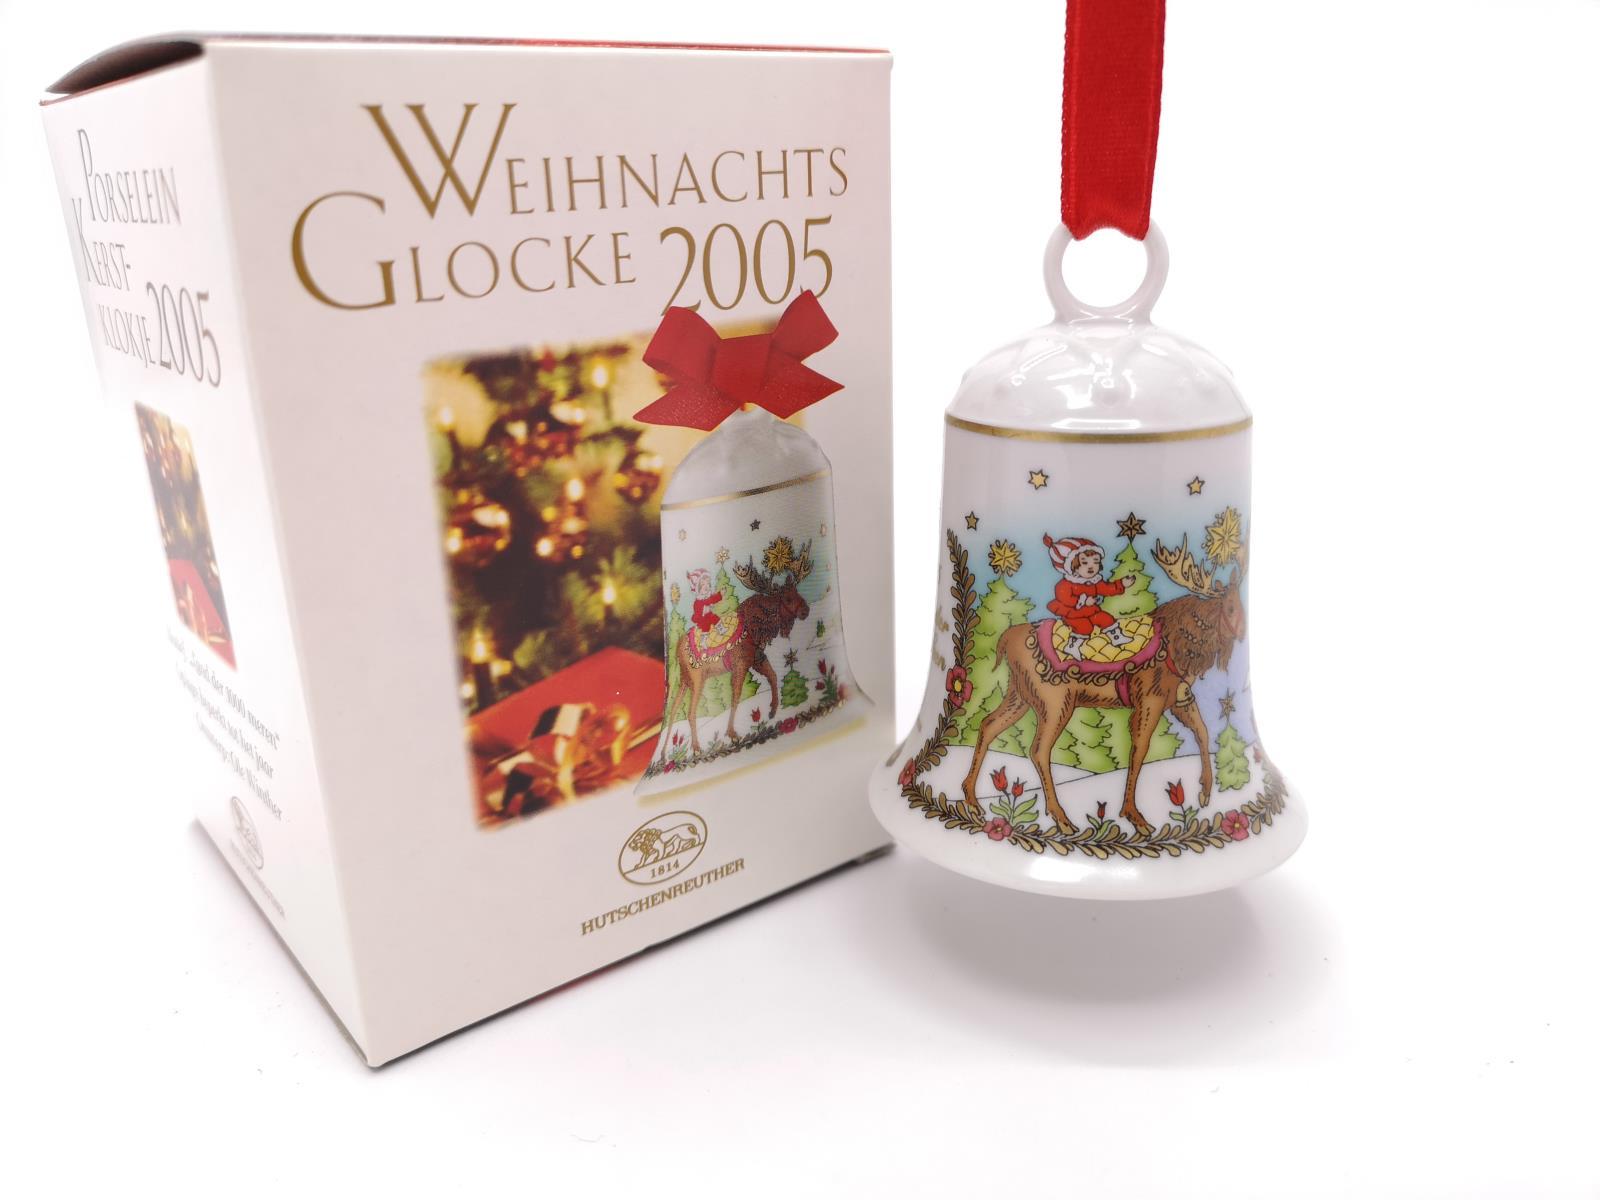 in OVP Hutschenreuther Porzellanglocke Weihnachtsglocke 2003